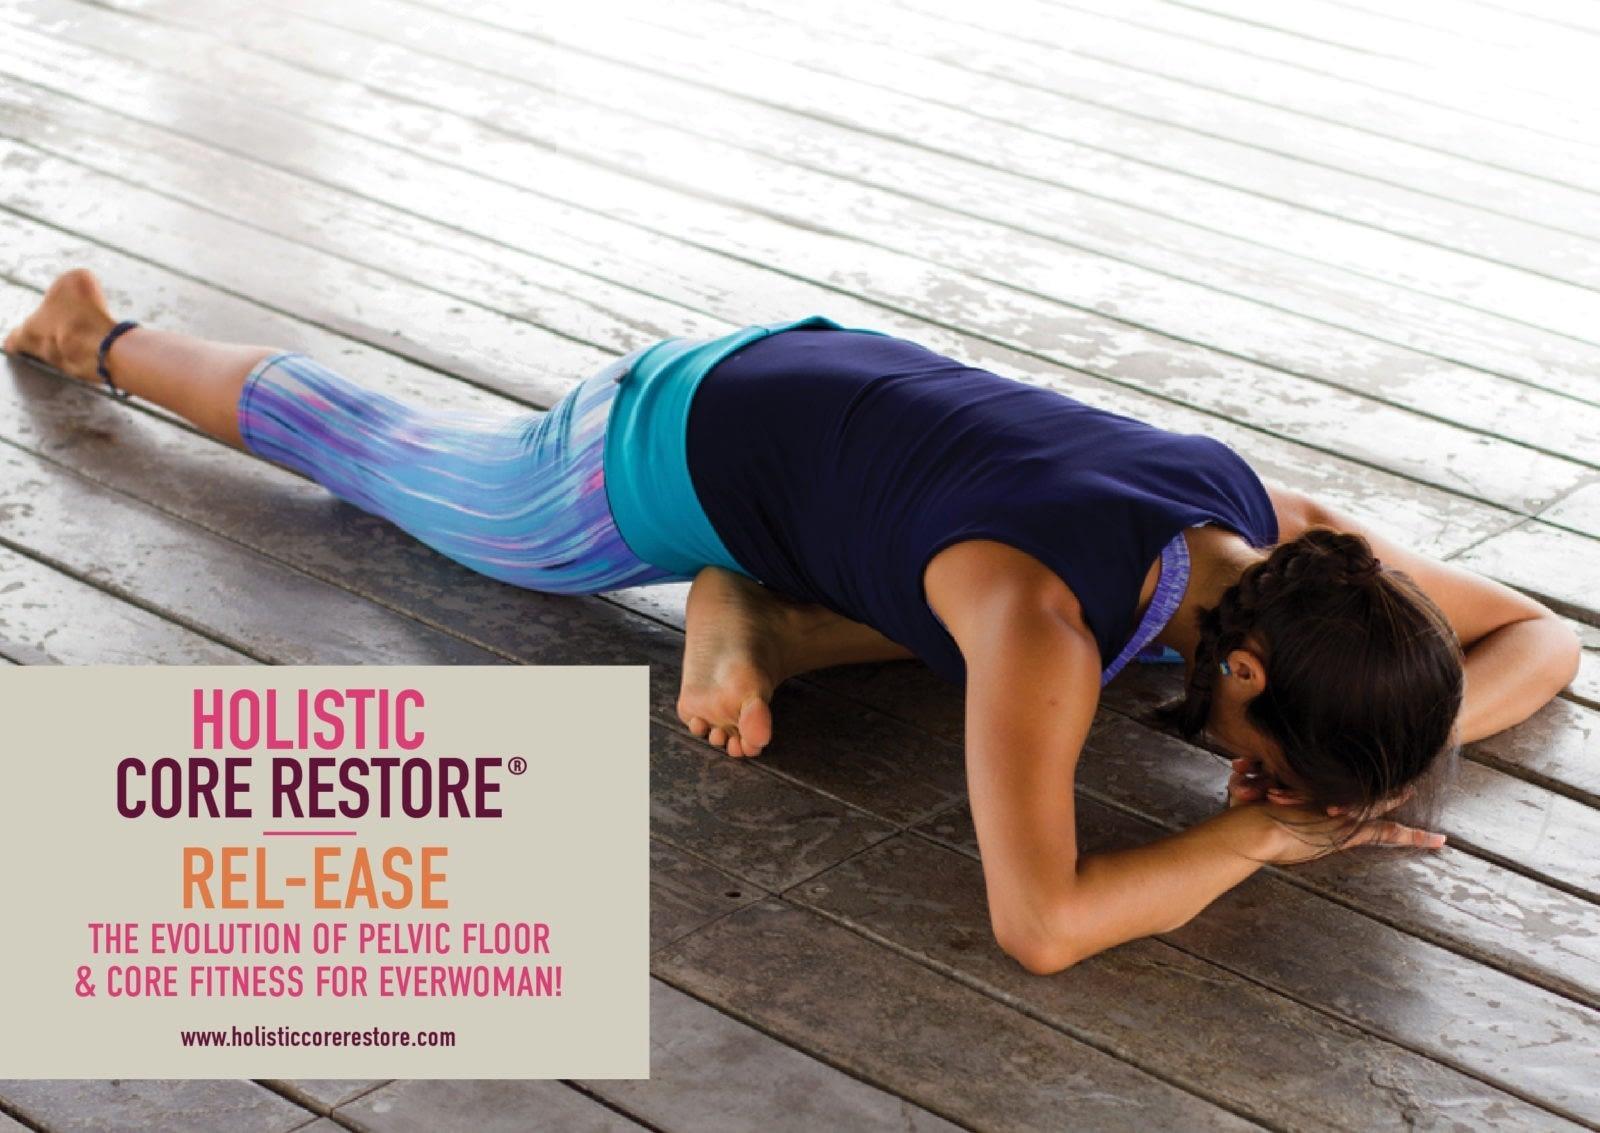 Holistic Core Restore ® 'Release promram